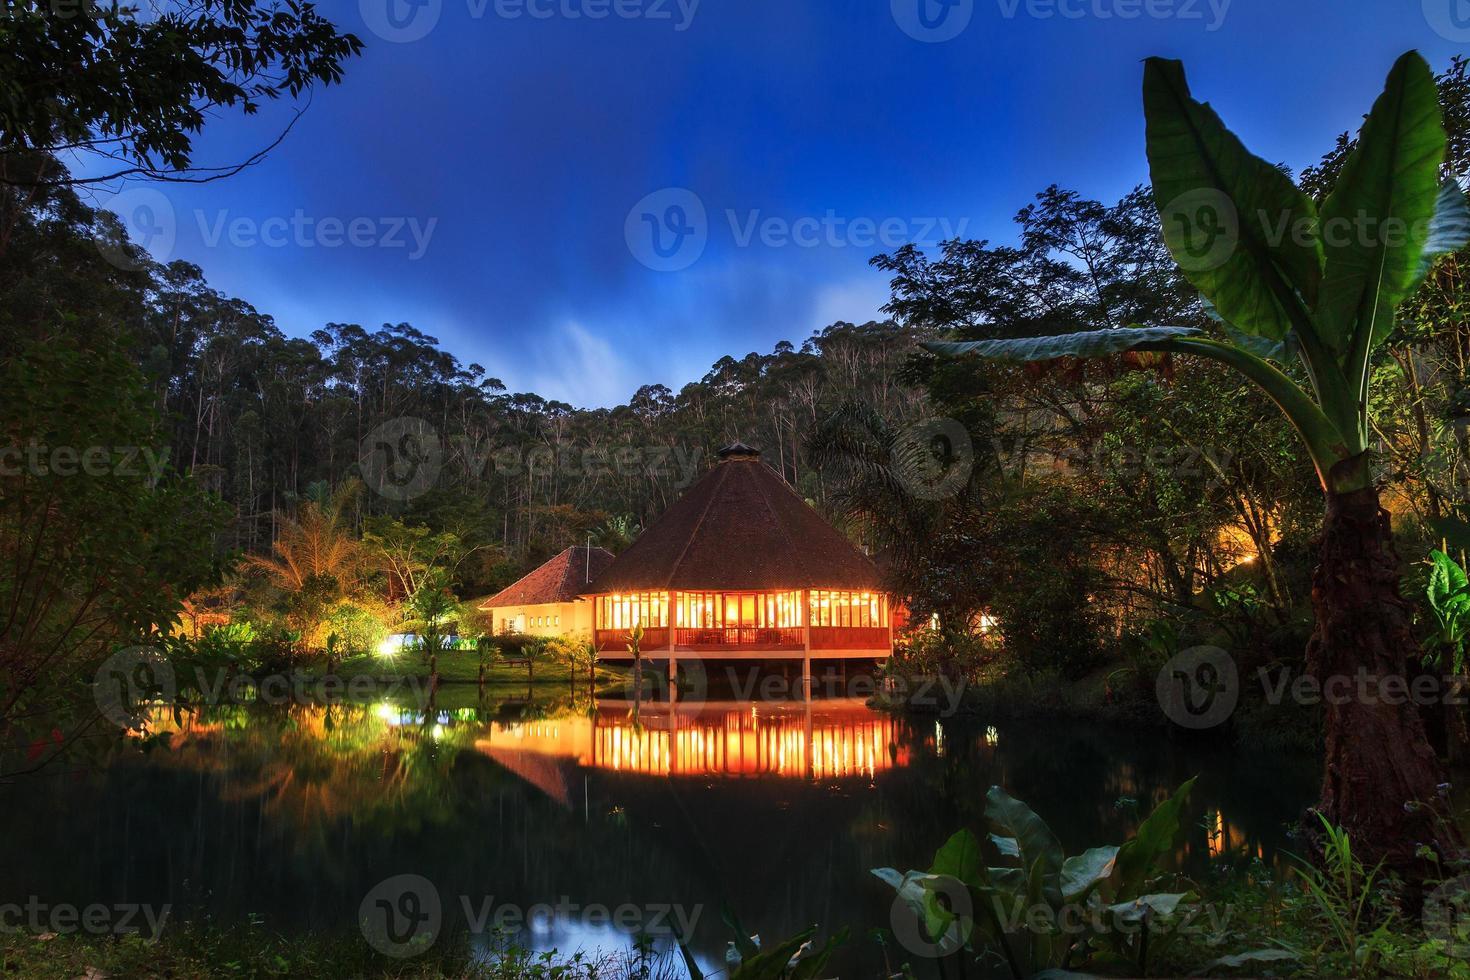 Dschungel Lodge Nacht foto